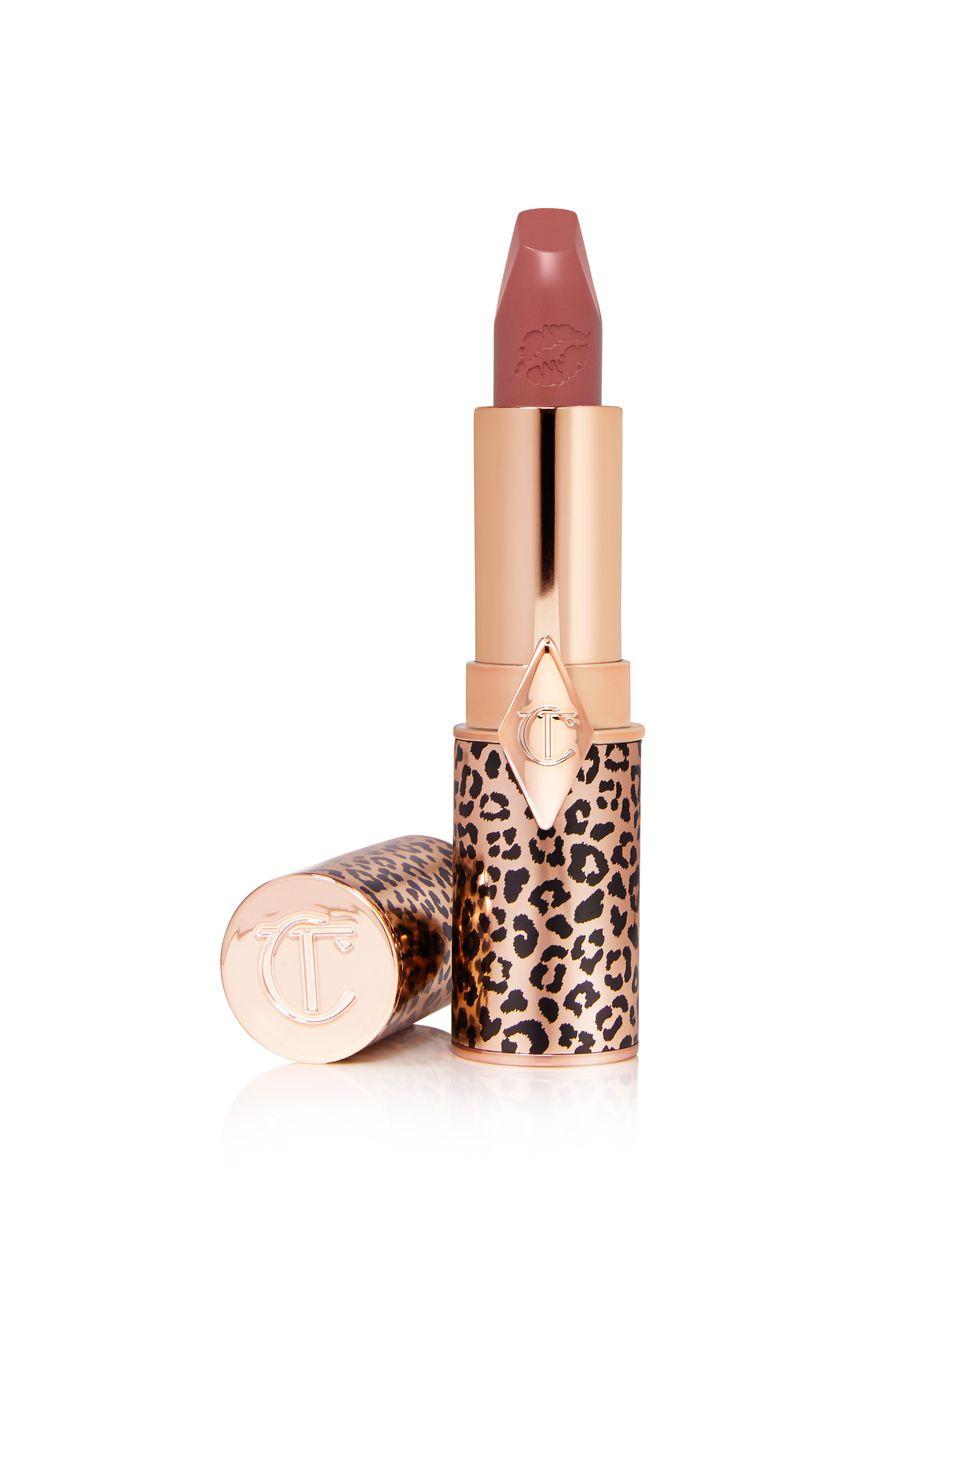 Charlotte Tilbury Hot Lips 2